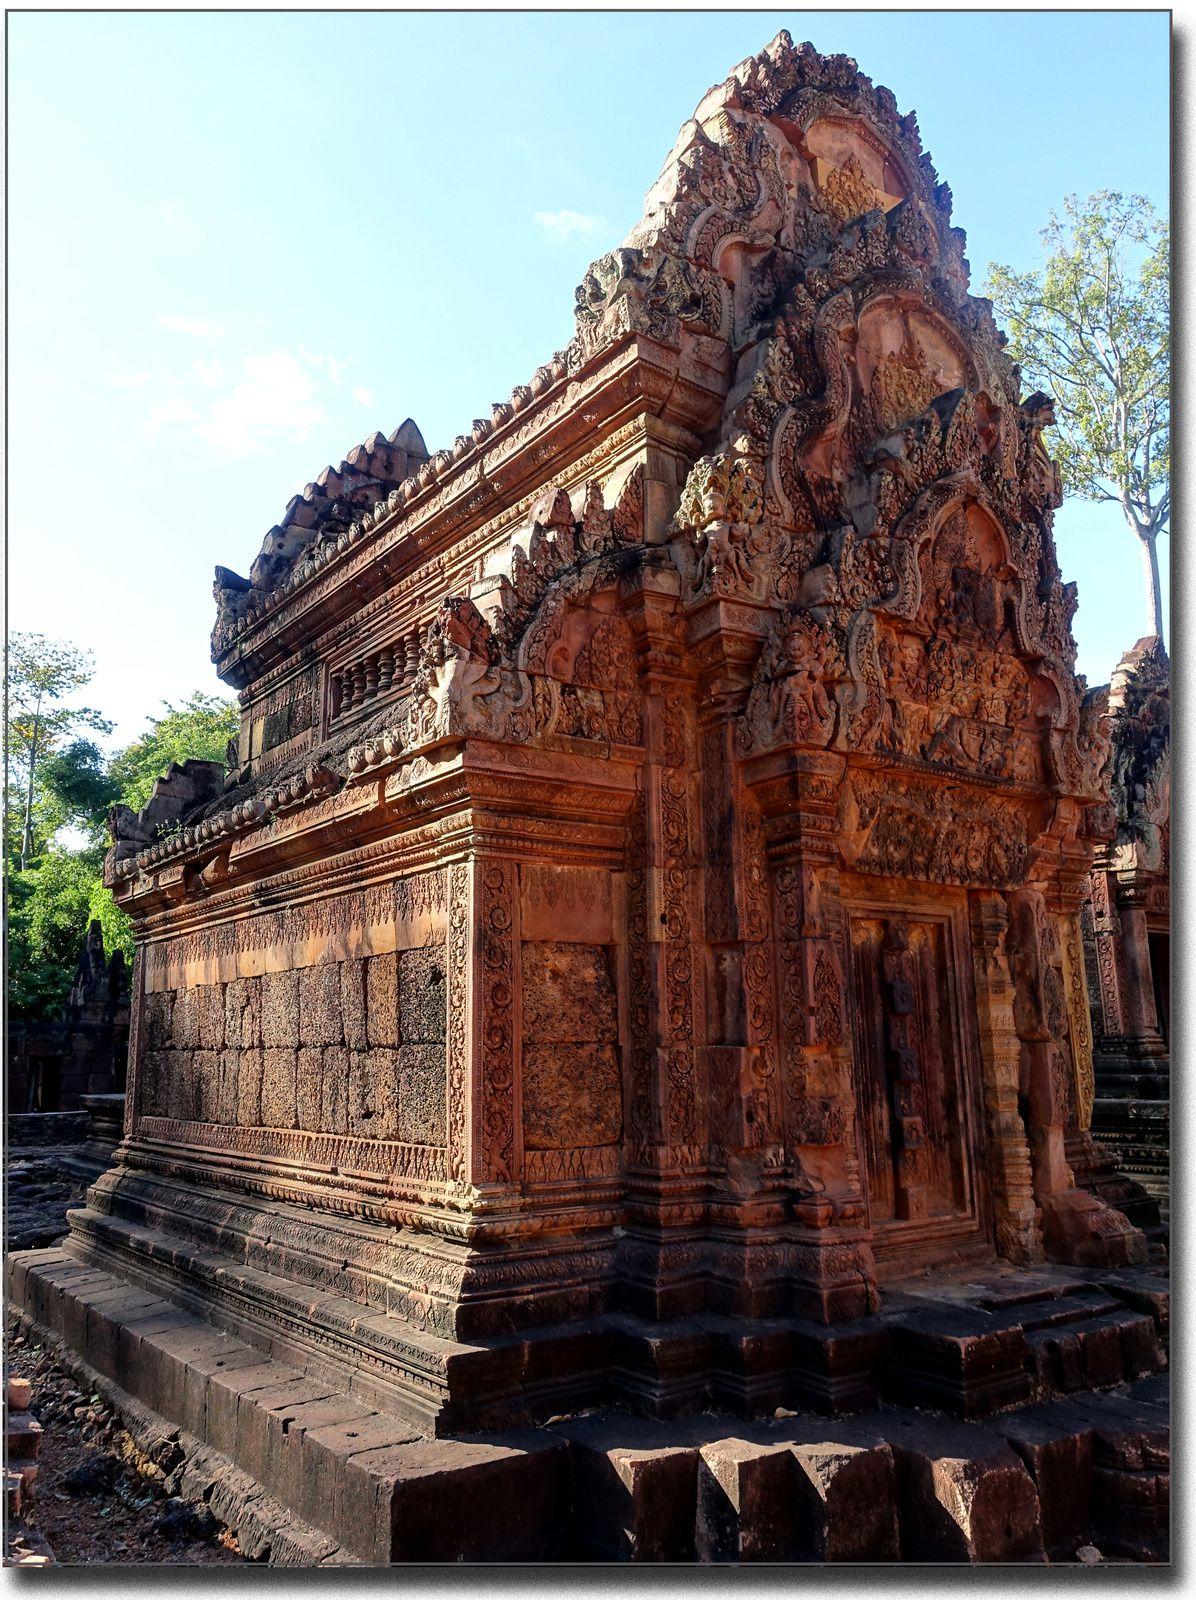 Le dernier site visité Banteay Srei (Angkor, Siem Reap)